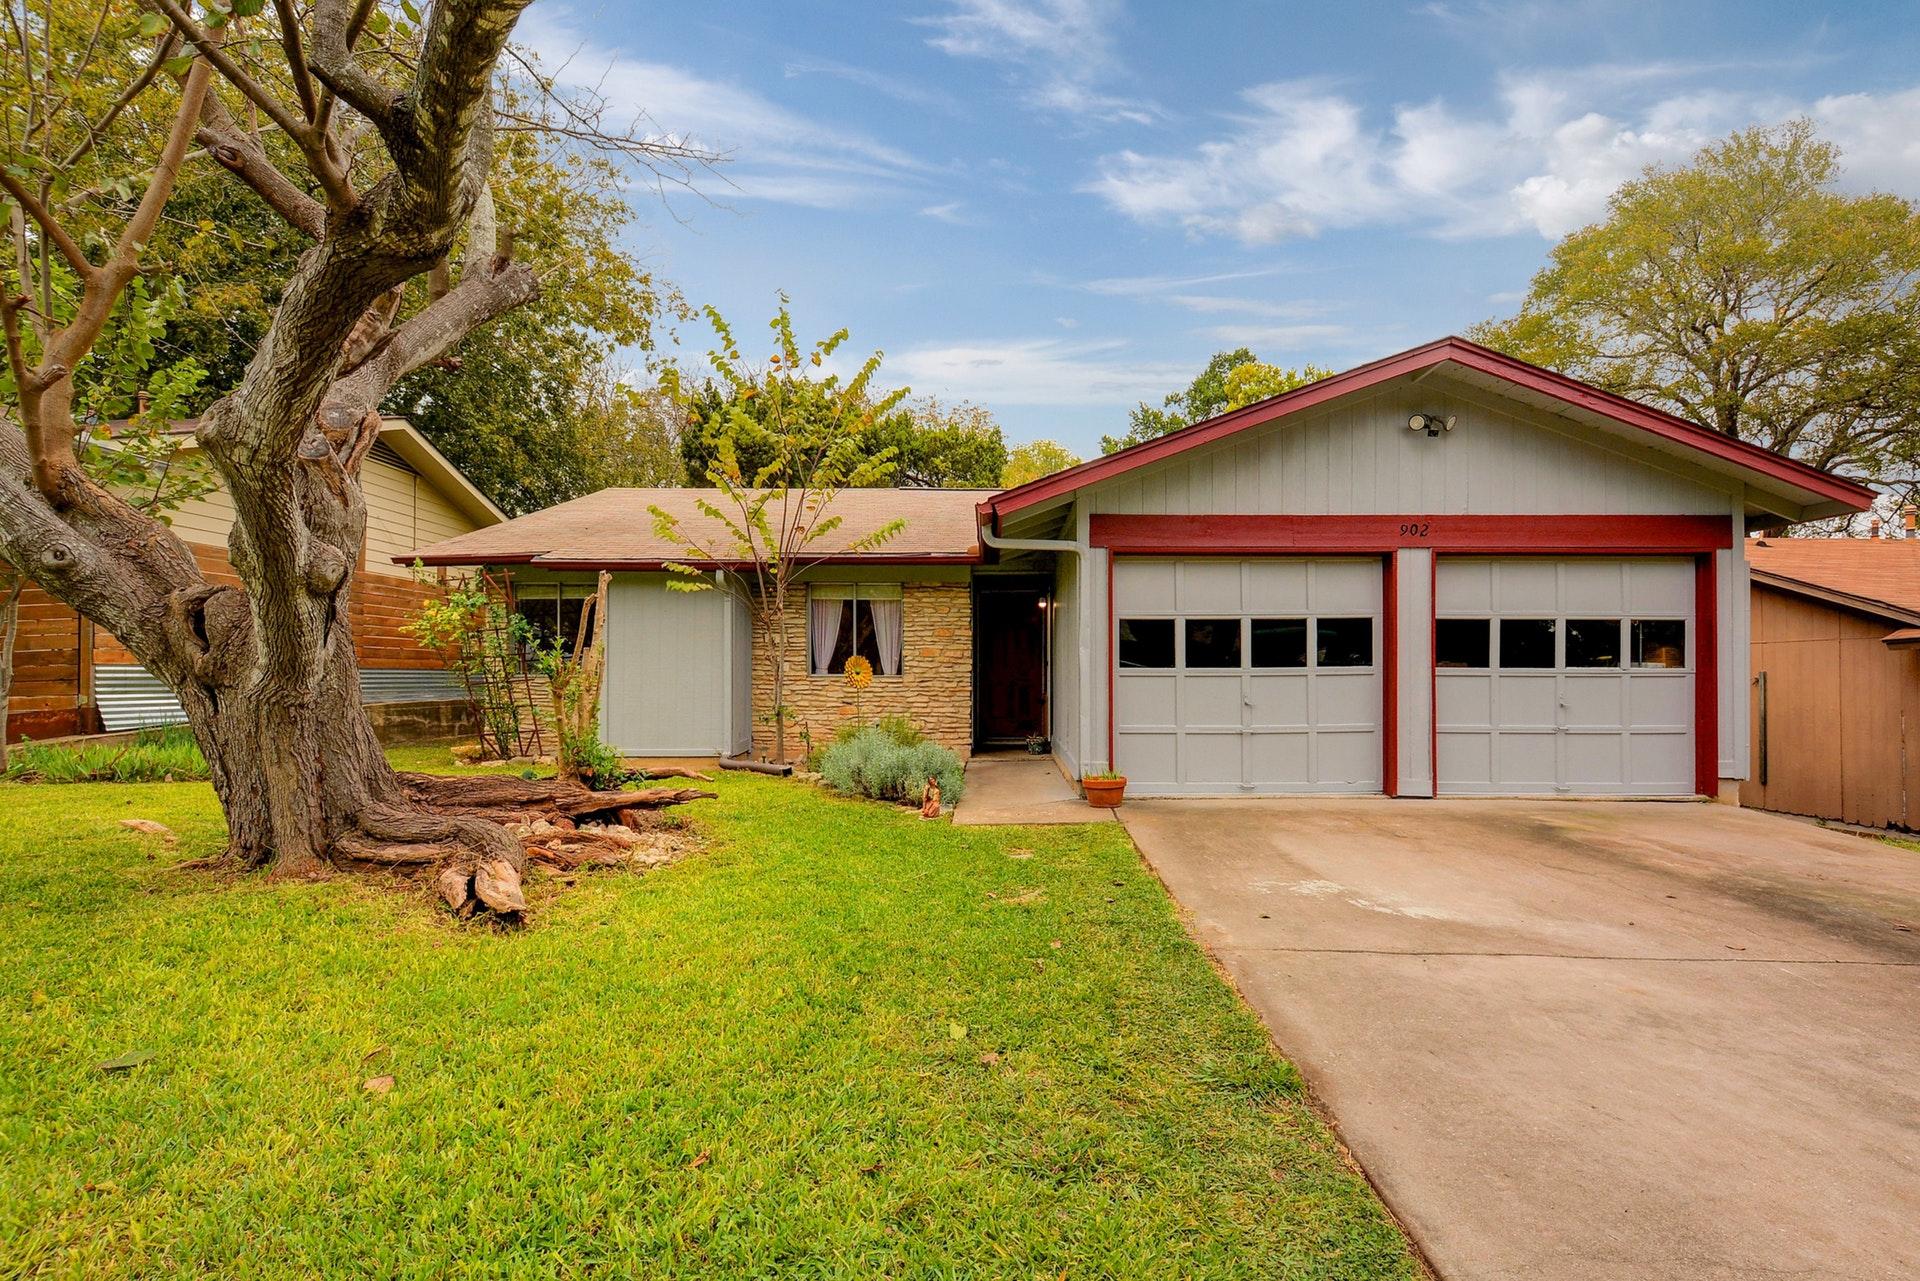 001-902 Bodark Lane Austin Texas 78745